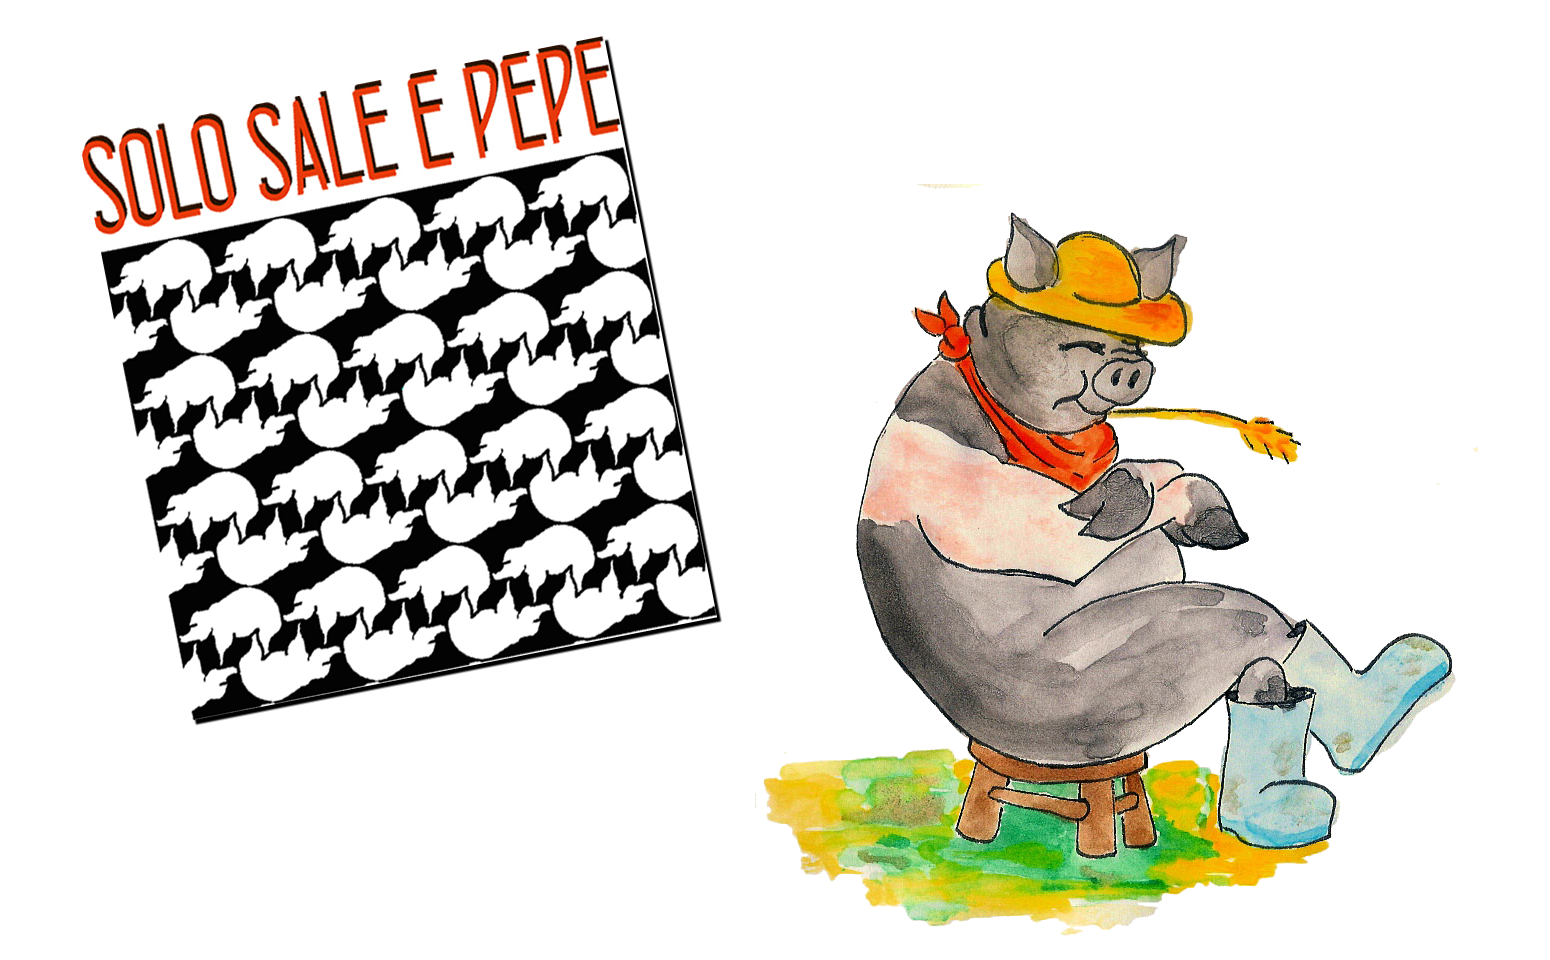 Allevamento Solo sale e pepe Terra di Michelangelo